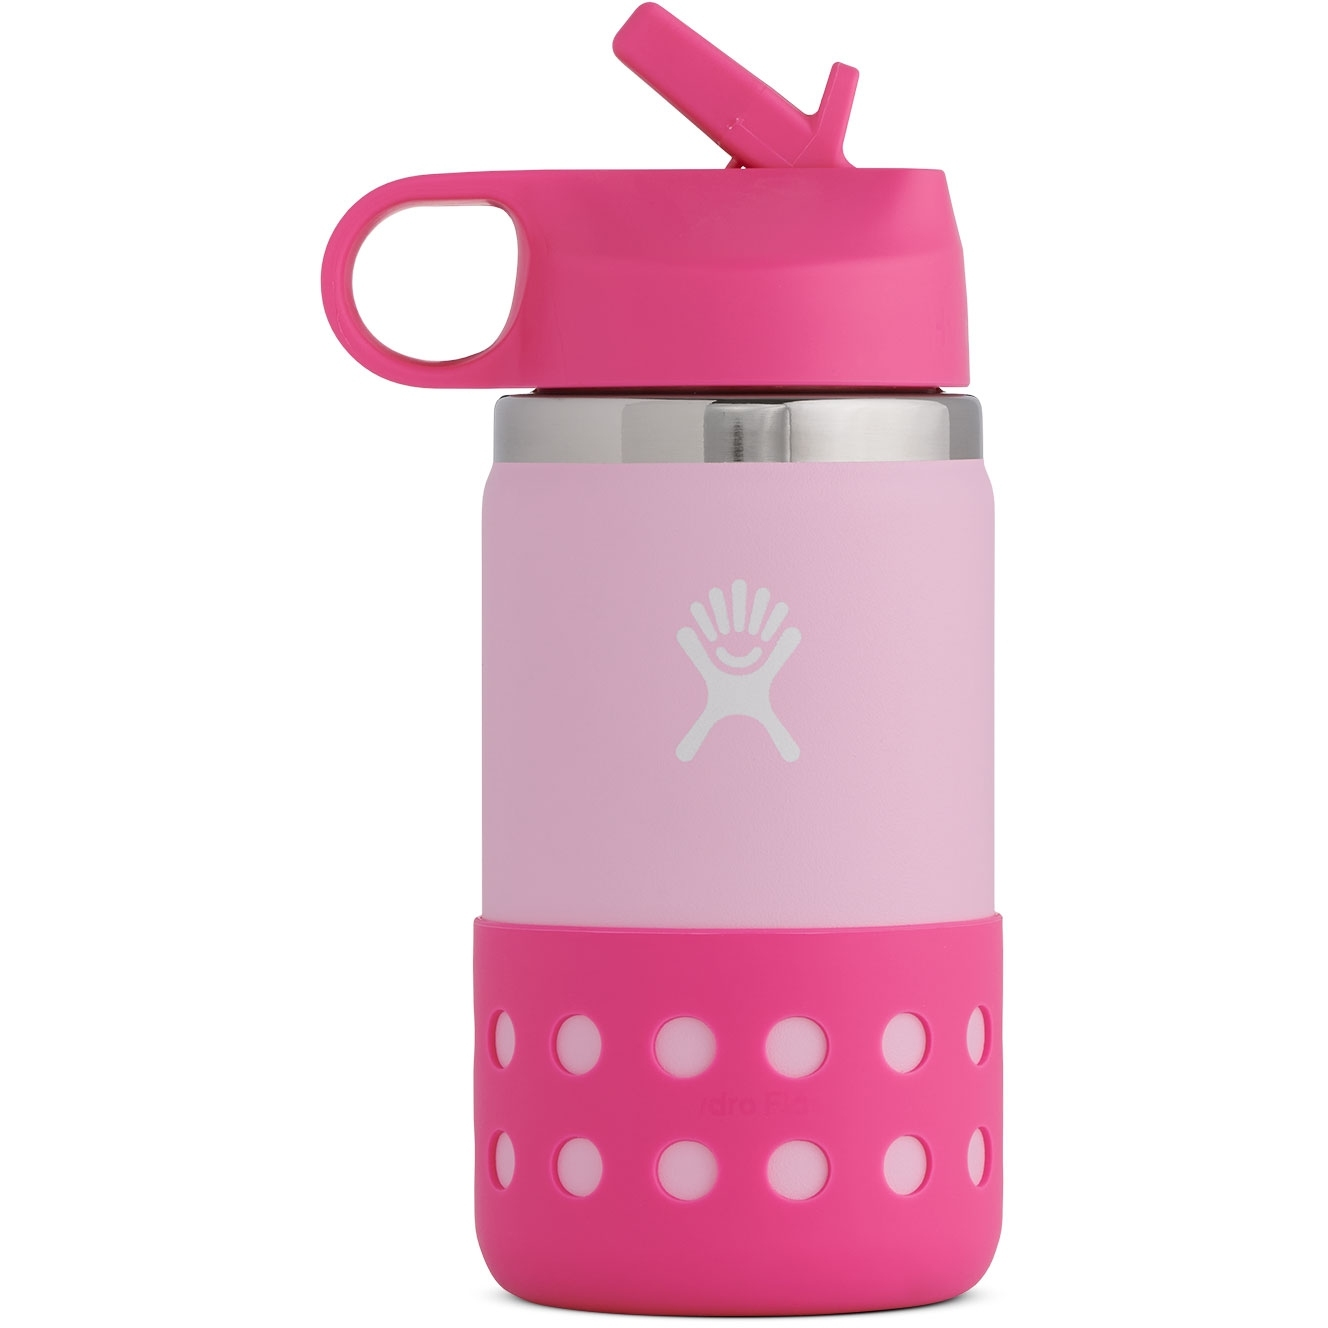 Produktbild von Hydro Flask 12 Oz Kids Wide Mouth Straw Lid & Boot Thermoflasche - 355 ml - Plumeria